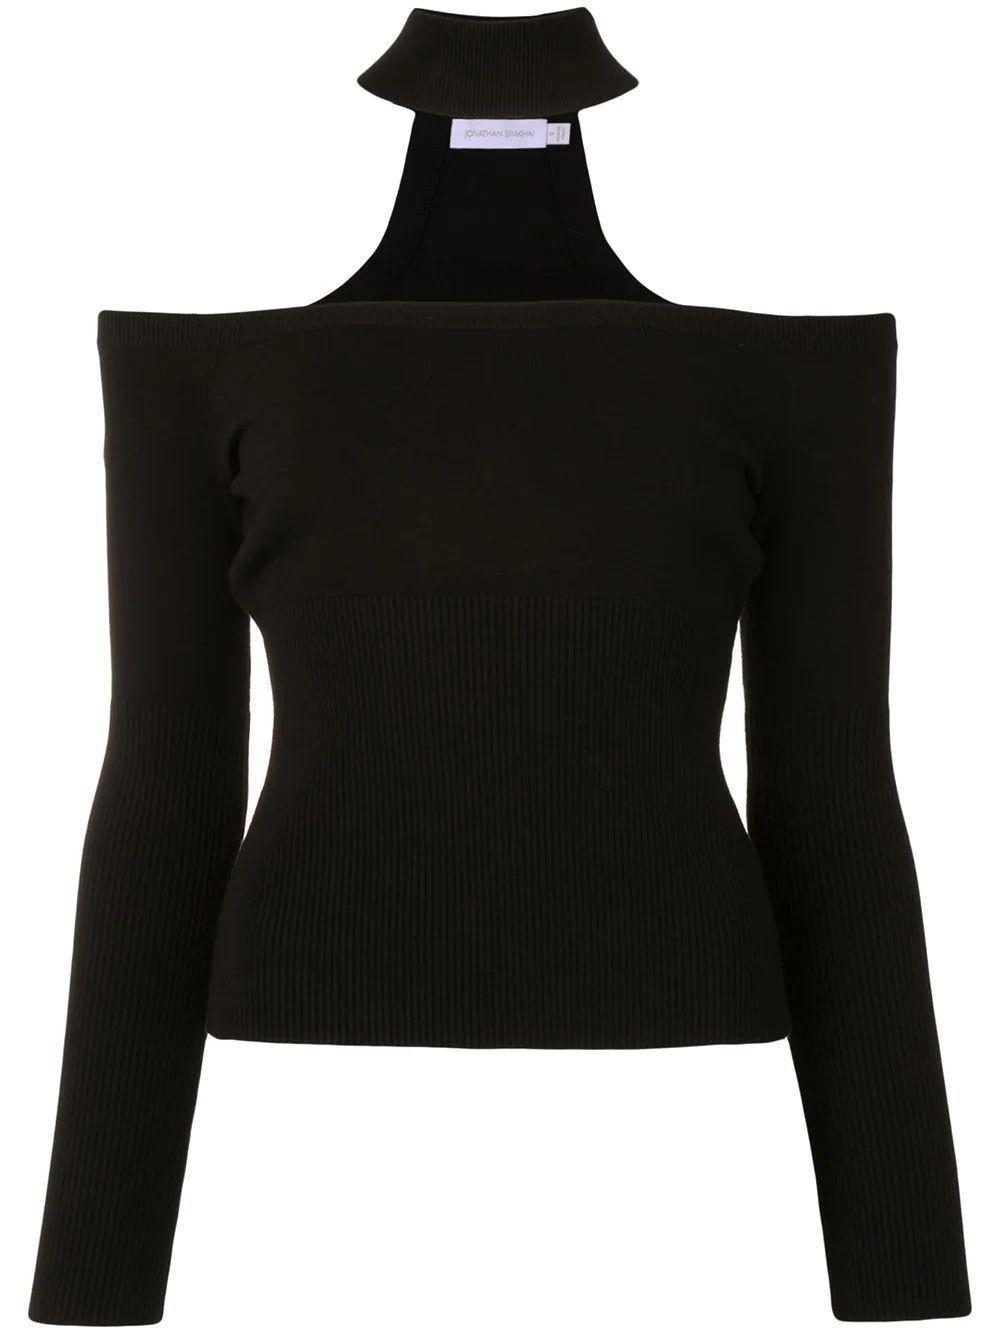 Lila Cold Shoulder Pullover Item # 420-2086-K